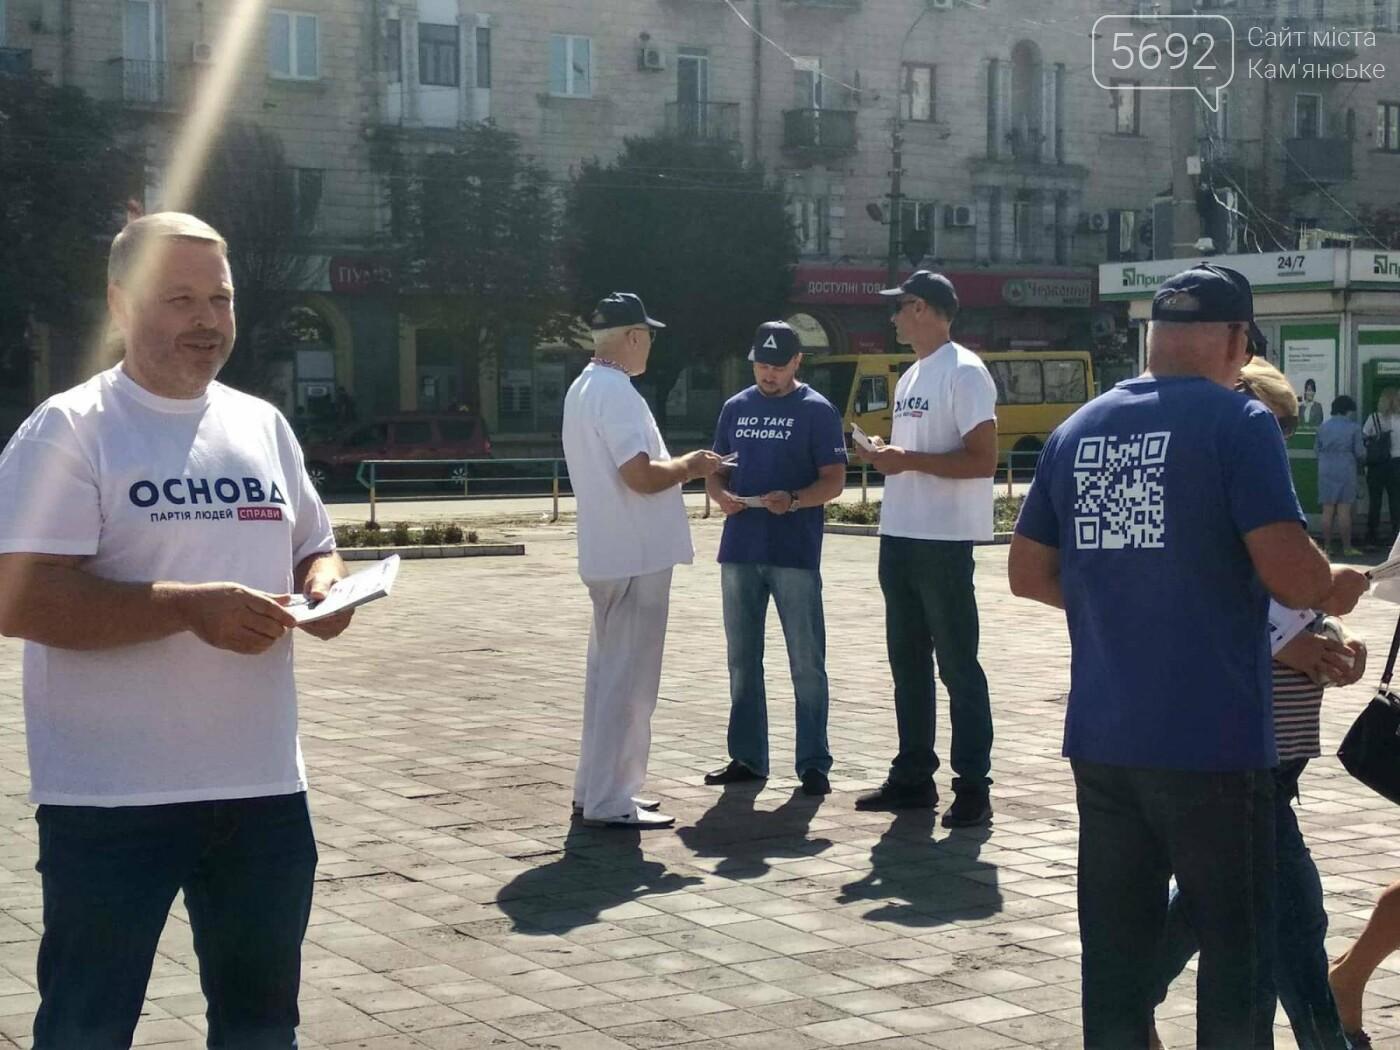 """Олег Мороз: """"Надеюсь, что вскоре мы все заживем без войны"""", фото-9"""